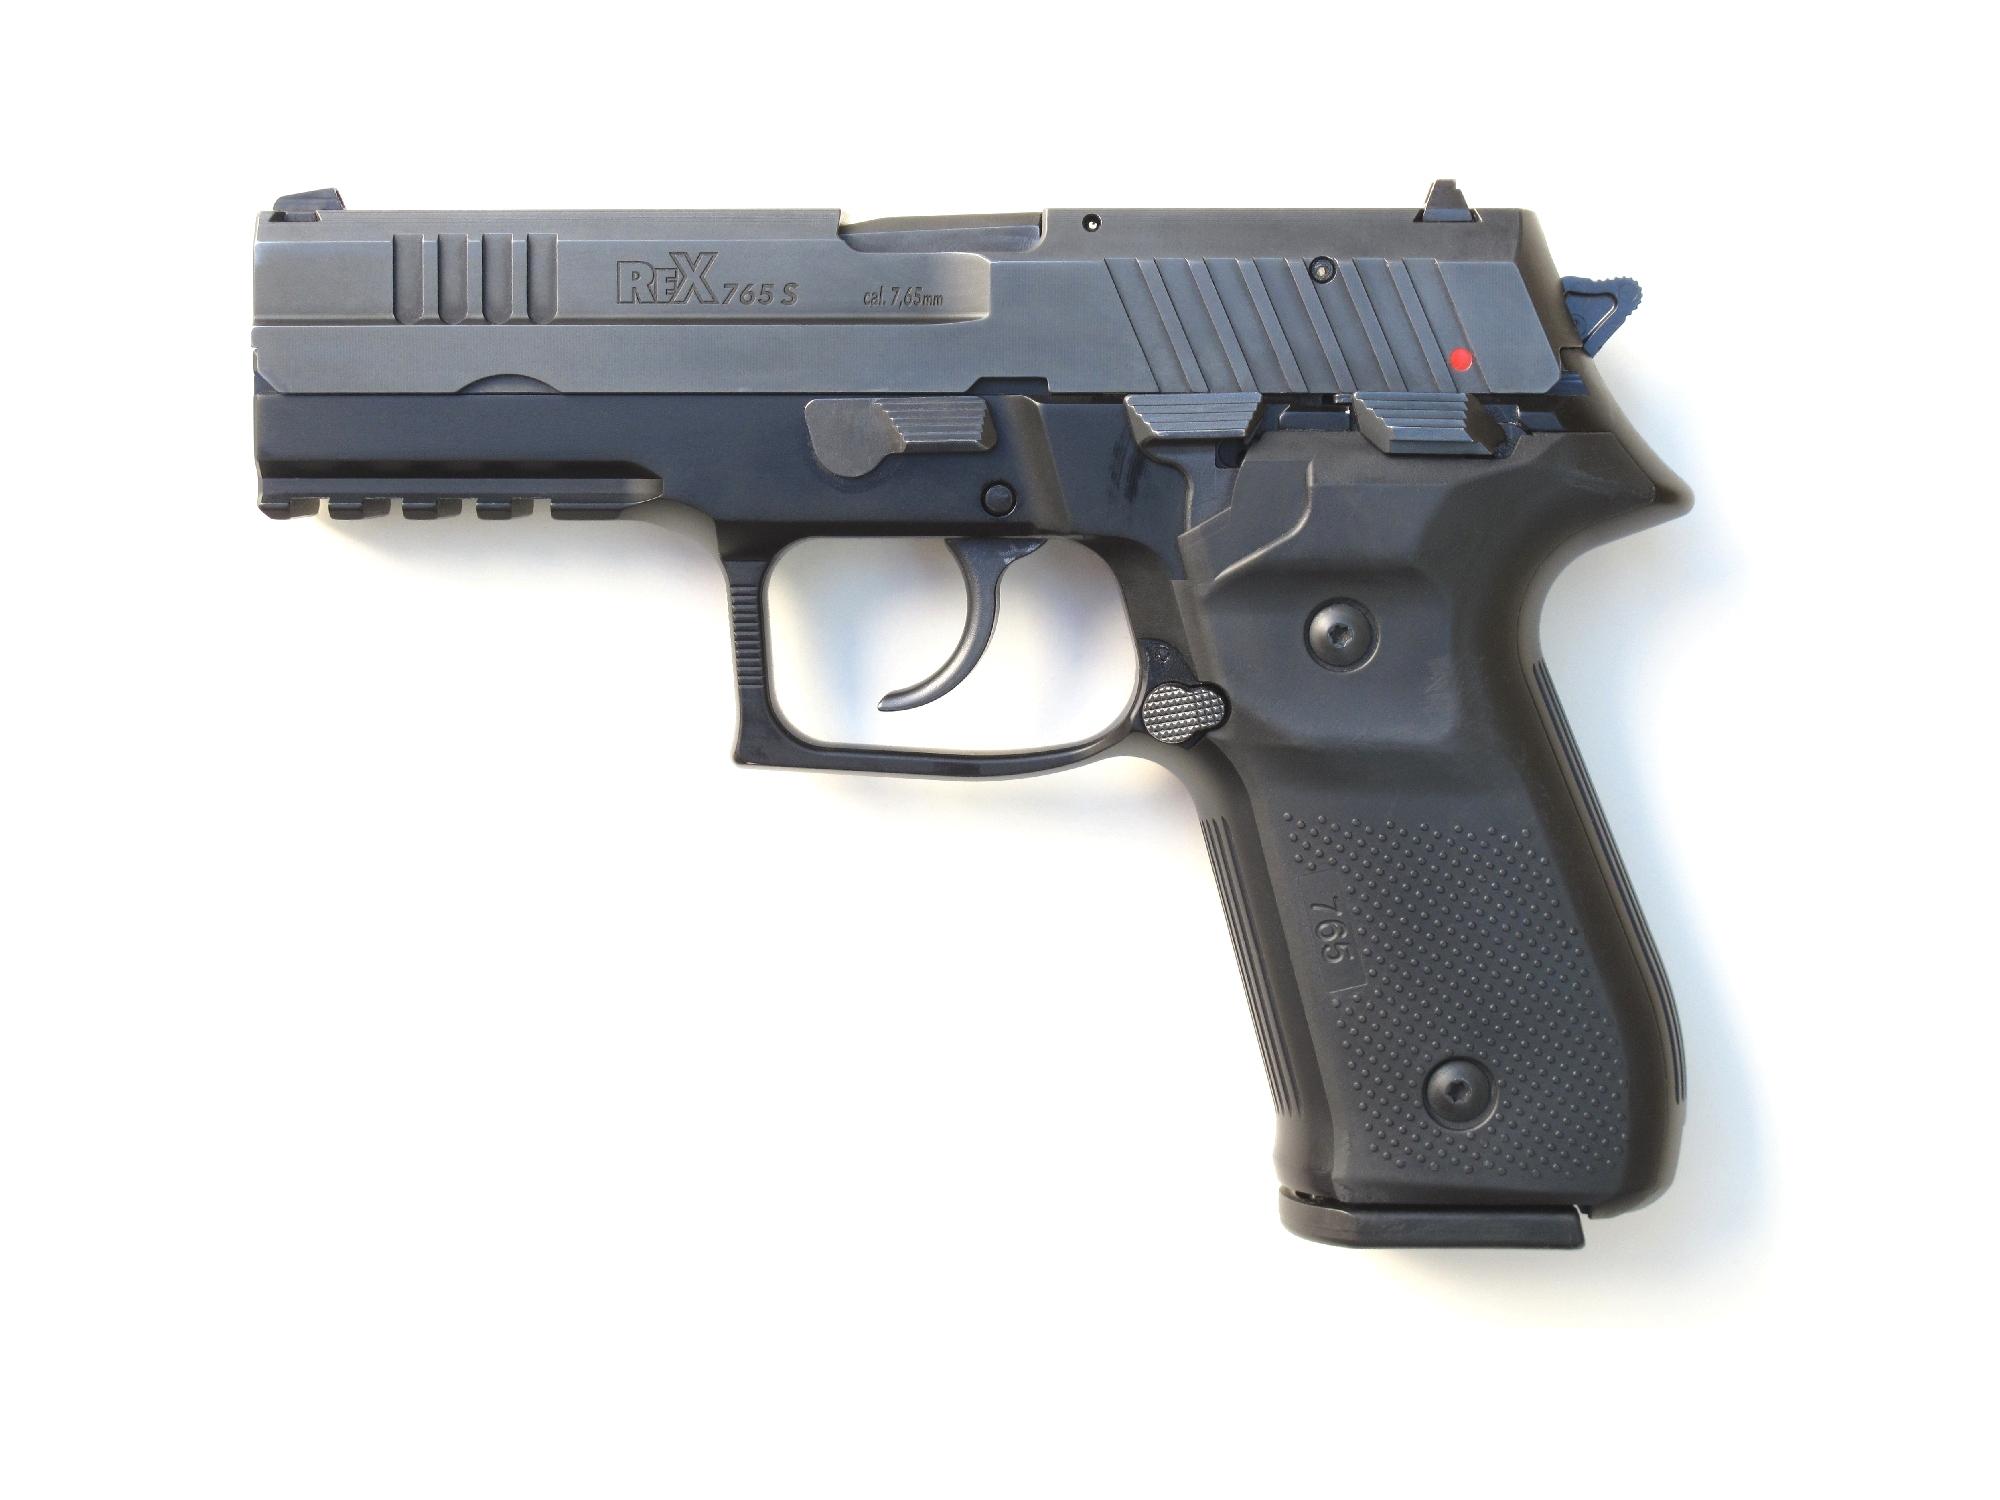 Pistolet arex modèle REX 765 S en calibre 7,65 mm Browning.